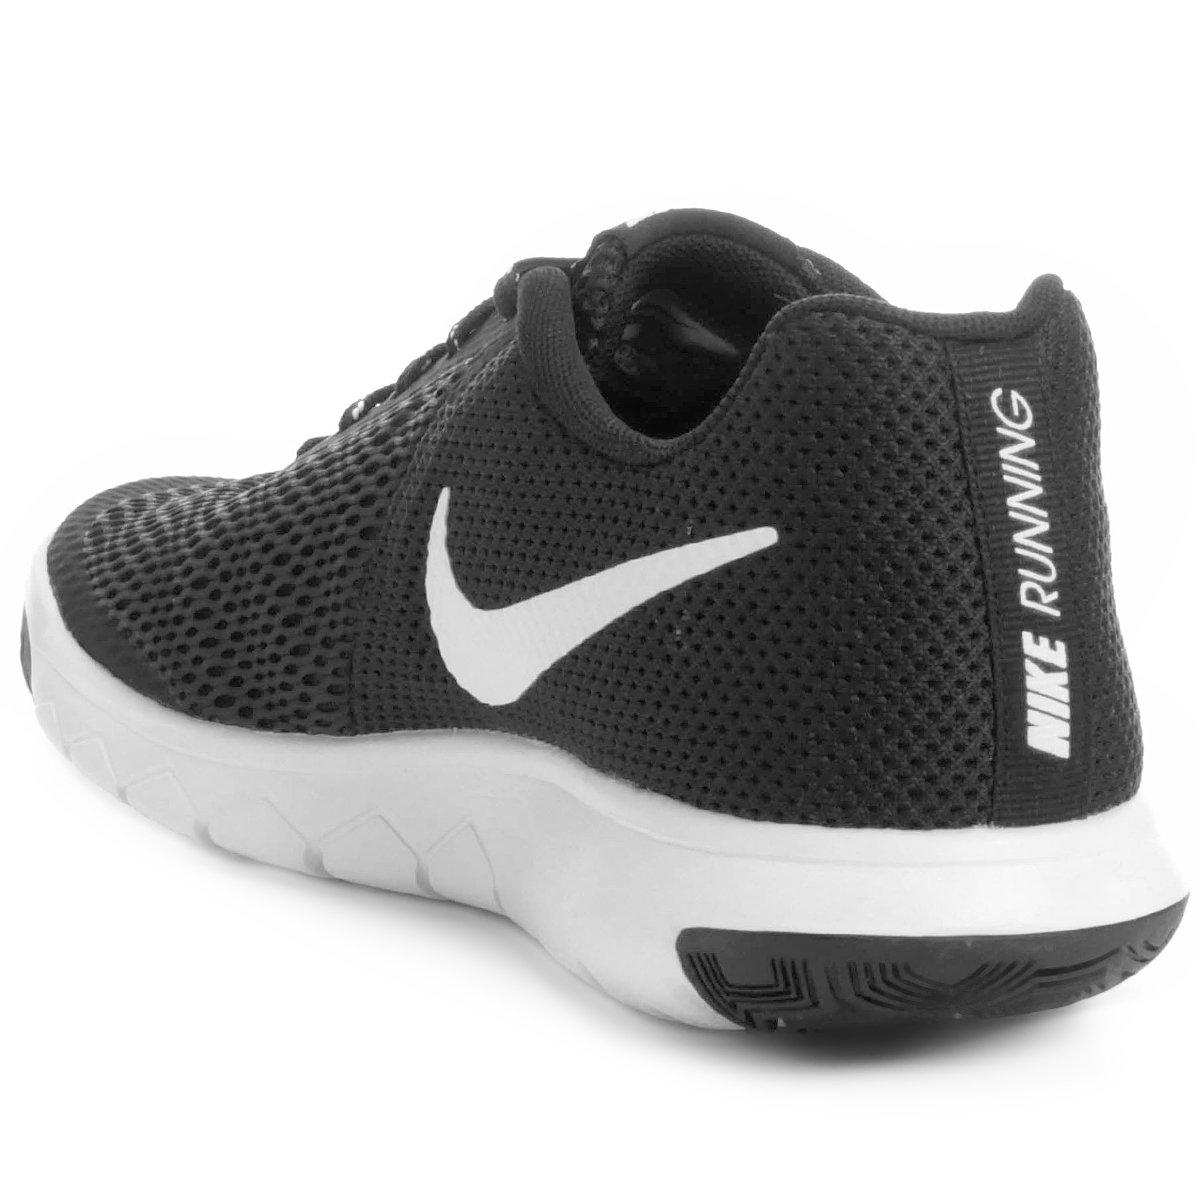 b4cfeb6e1a9 Tênis Nike Flex Experience Rn 5 Feminino - Compre Agora